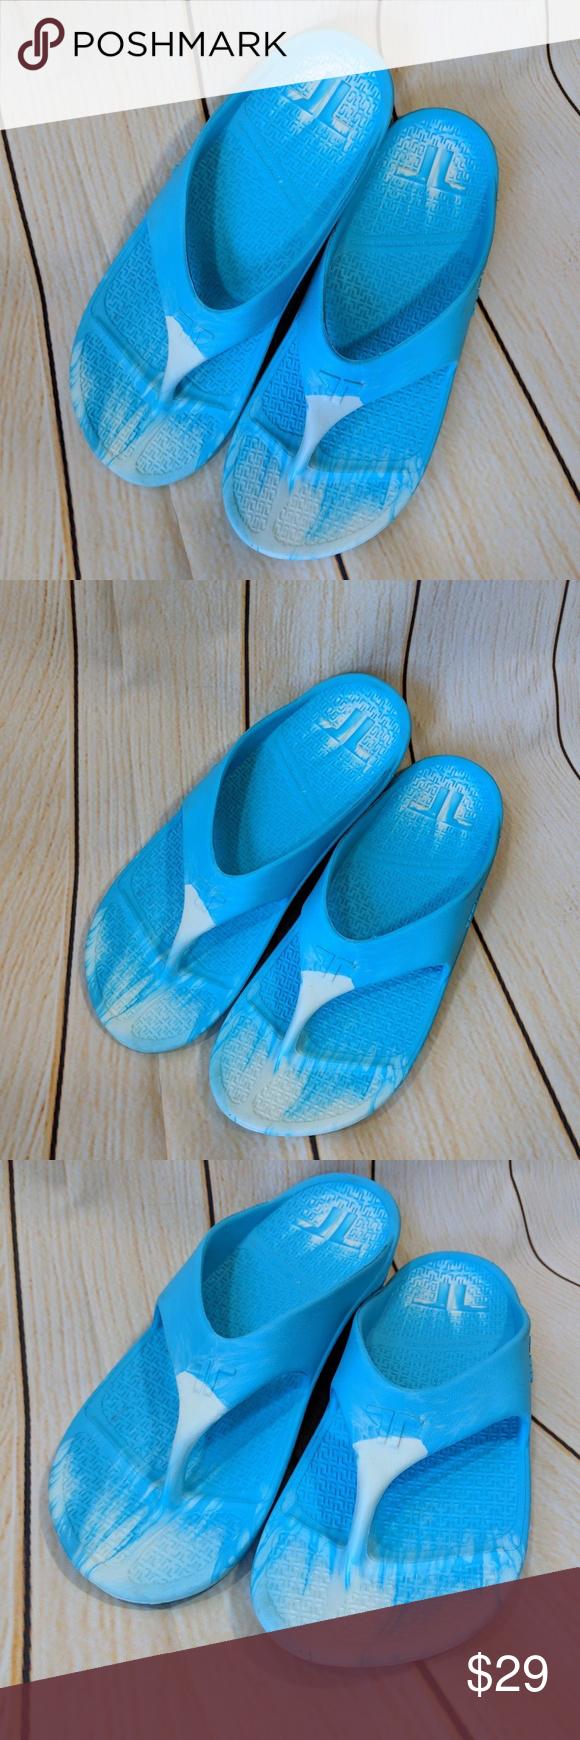 d1674a54f NWOT Telic fashion sandals flip flops Telic fashion sandals flip ...